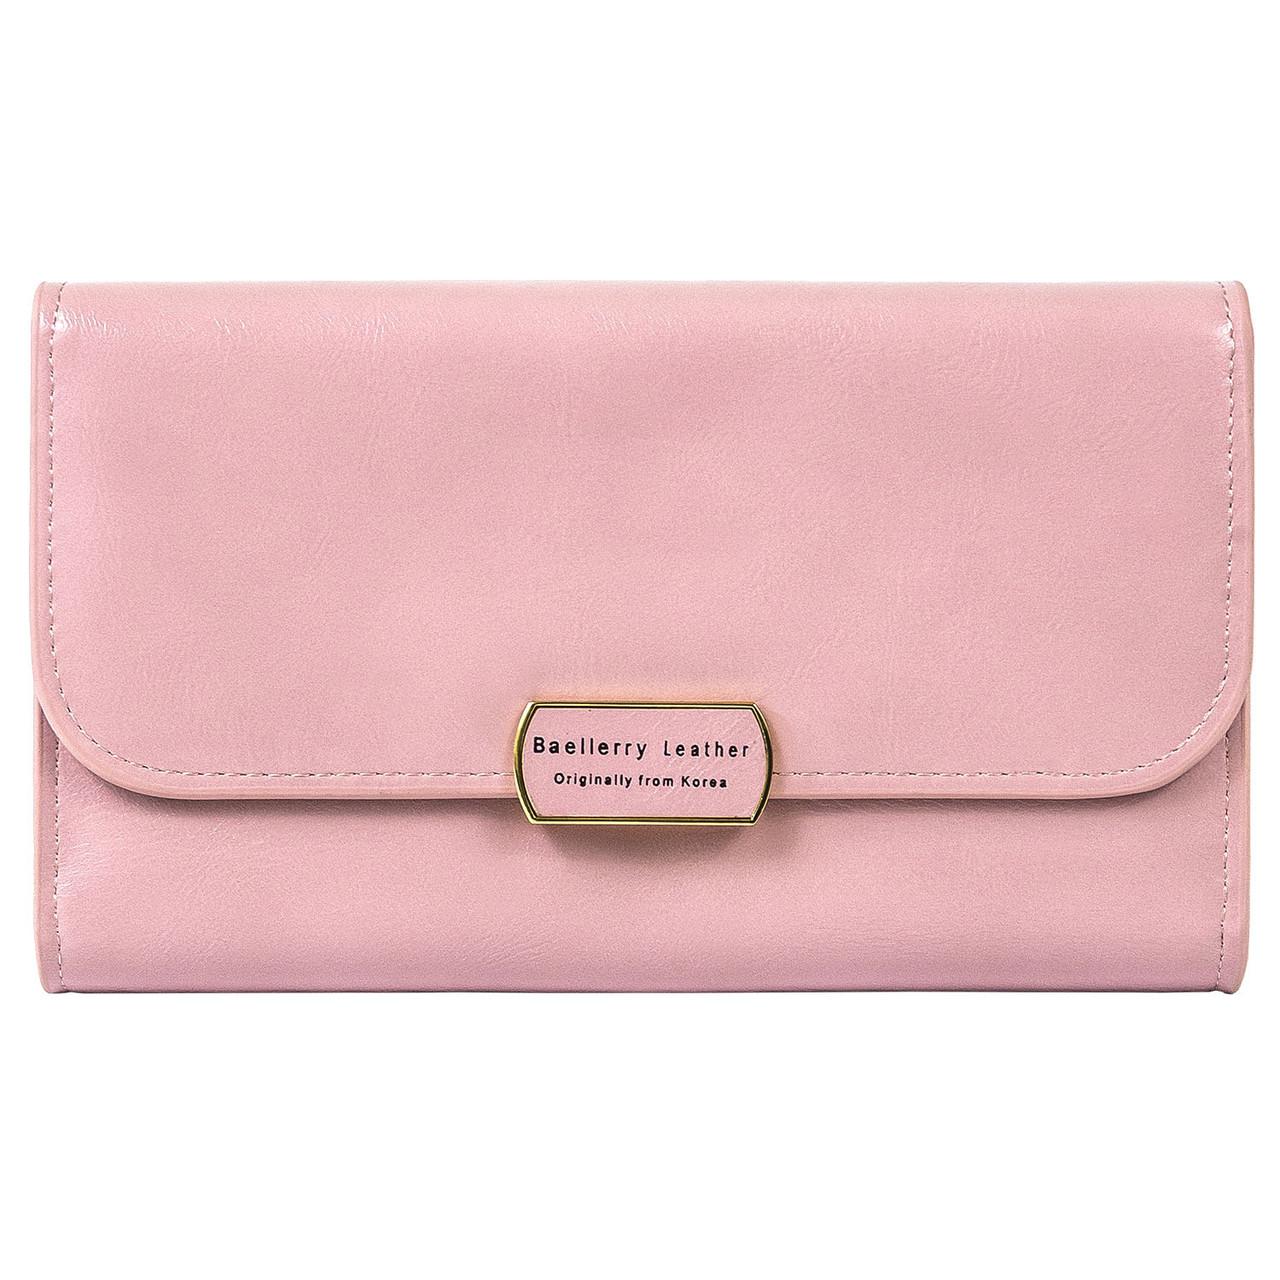 Кошелек-клатч женский Baellerry Leather 5512 с ремешком розовый